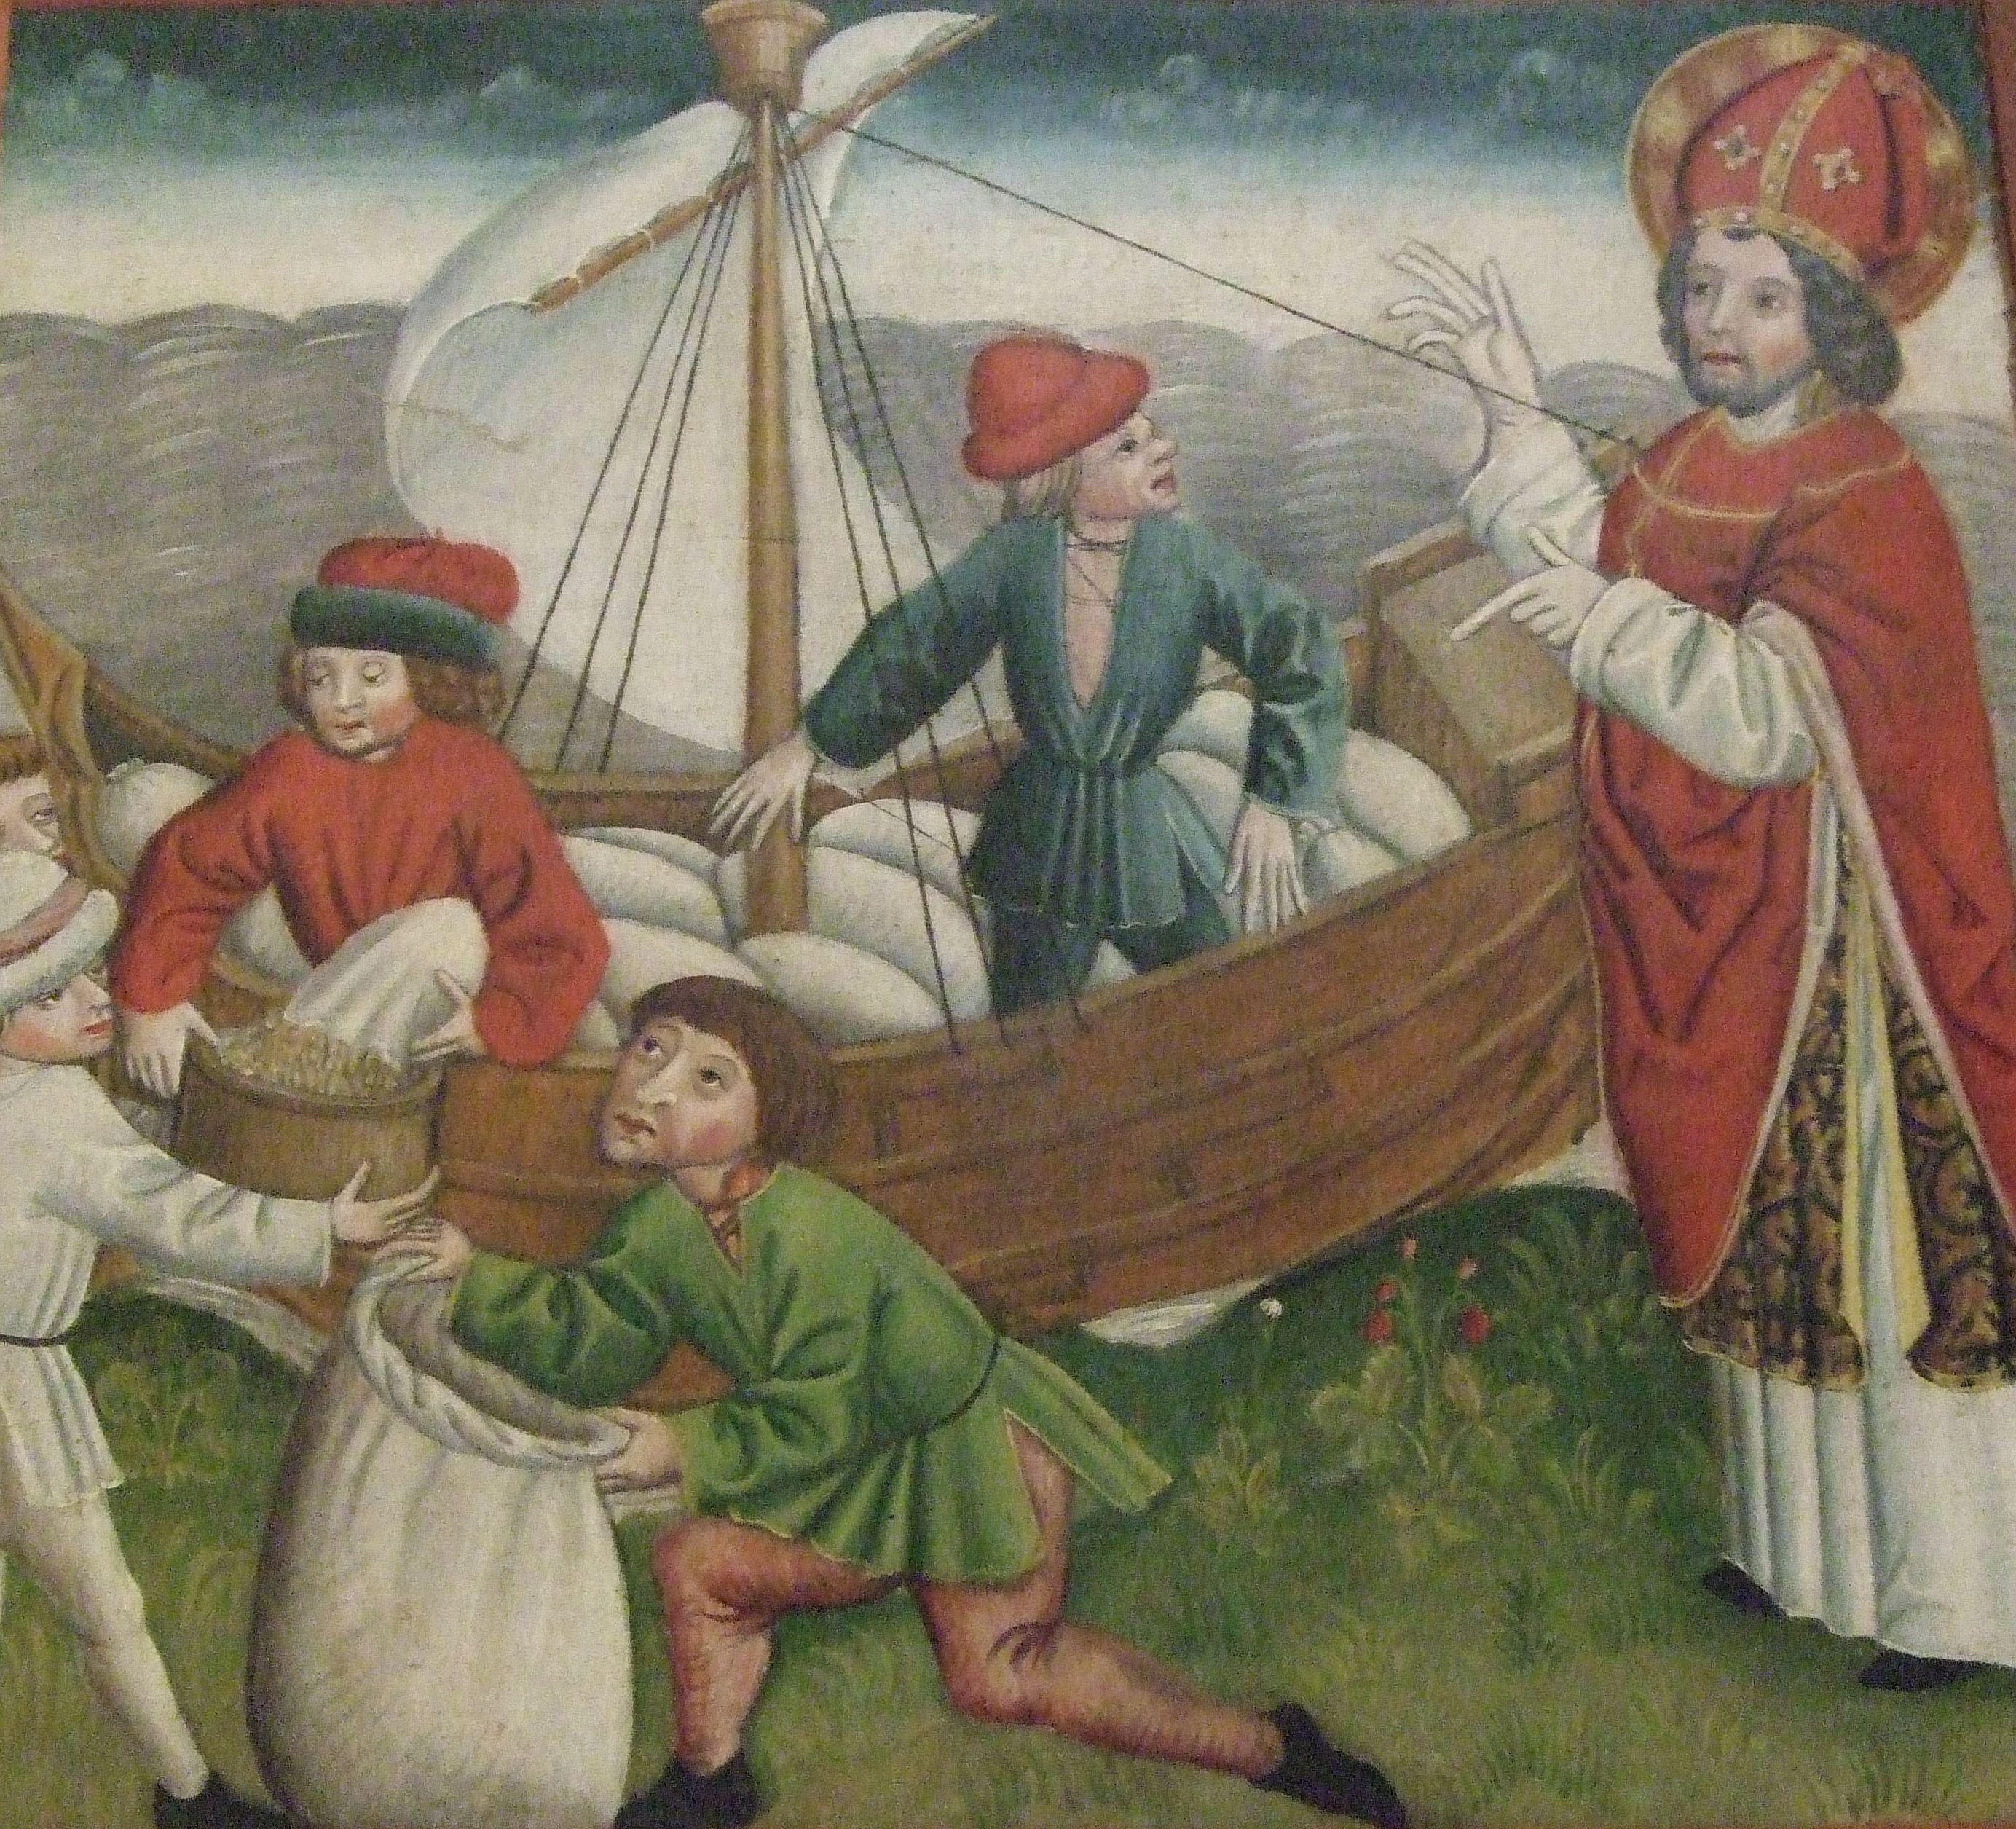 Das Kornwunder, das den hl. Nikolaus zum Schutzpatron der Ernte machte. Teil eines Flügelaltars, um 1475 (St. Mariae, Mühlhausen, Thüringen. Quelle: Wikicommons, User: Friedrichsen.)